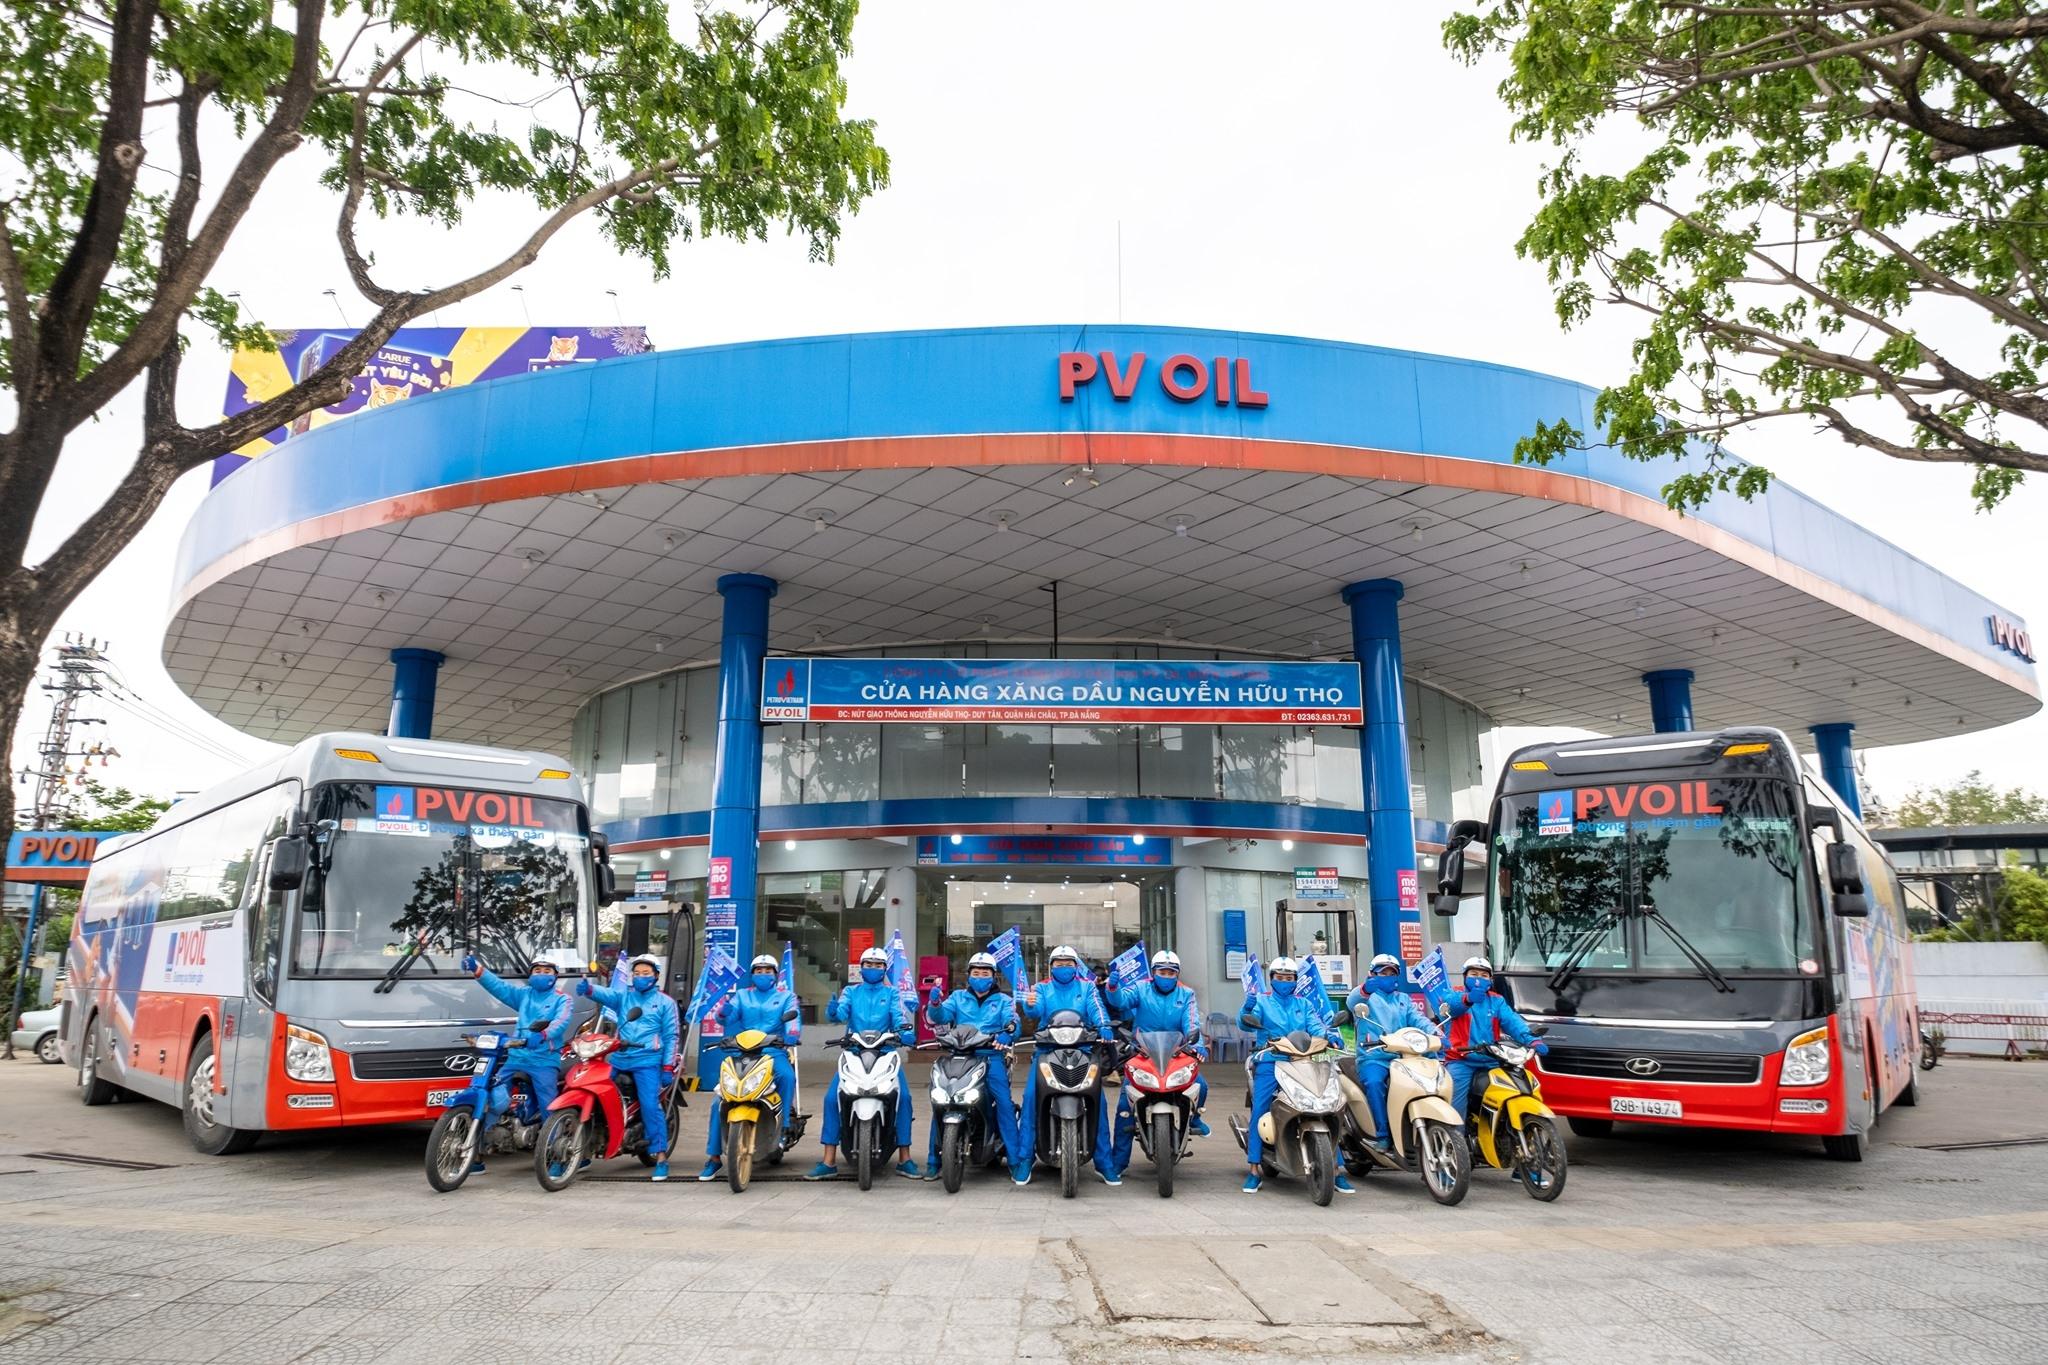 PVOIL Roadshow – Hành trình xuyên Việt